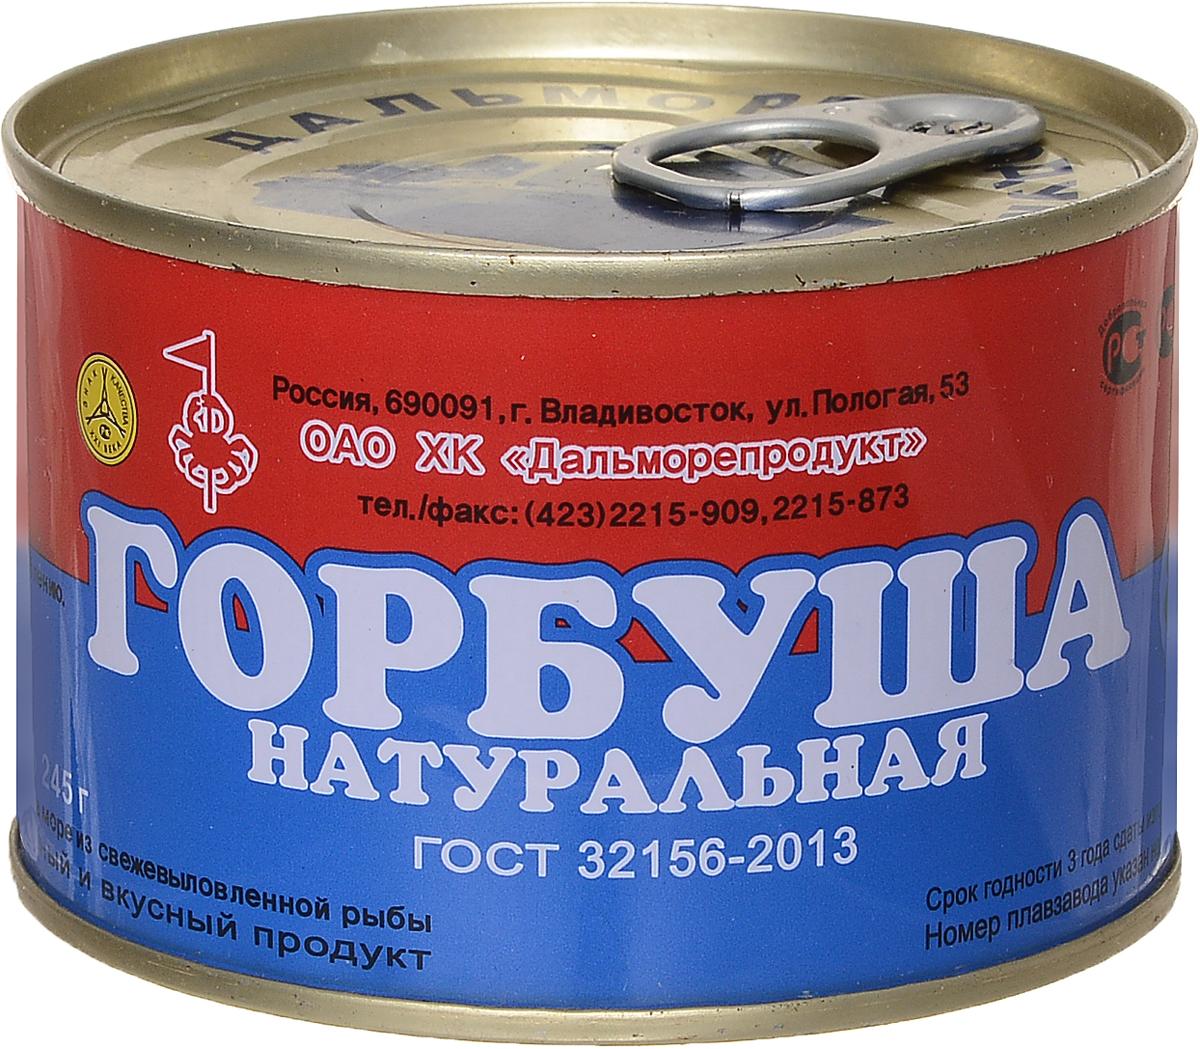 Дальморепродукт Горбуша натуральная, 245 г2714Изготовлено в море из свежевыловленной рыбы. Натуральный и вкусный продукт.